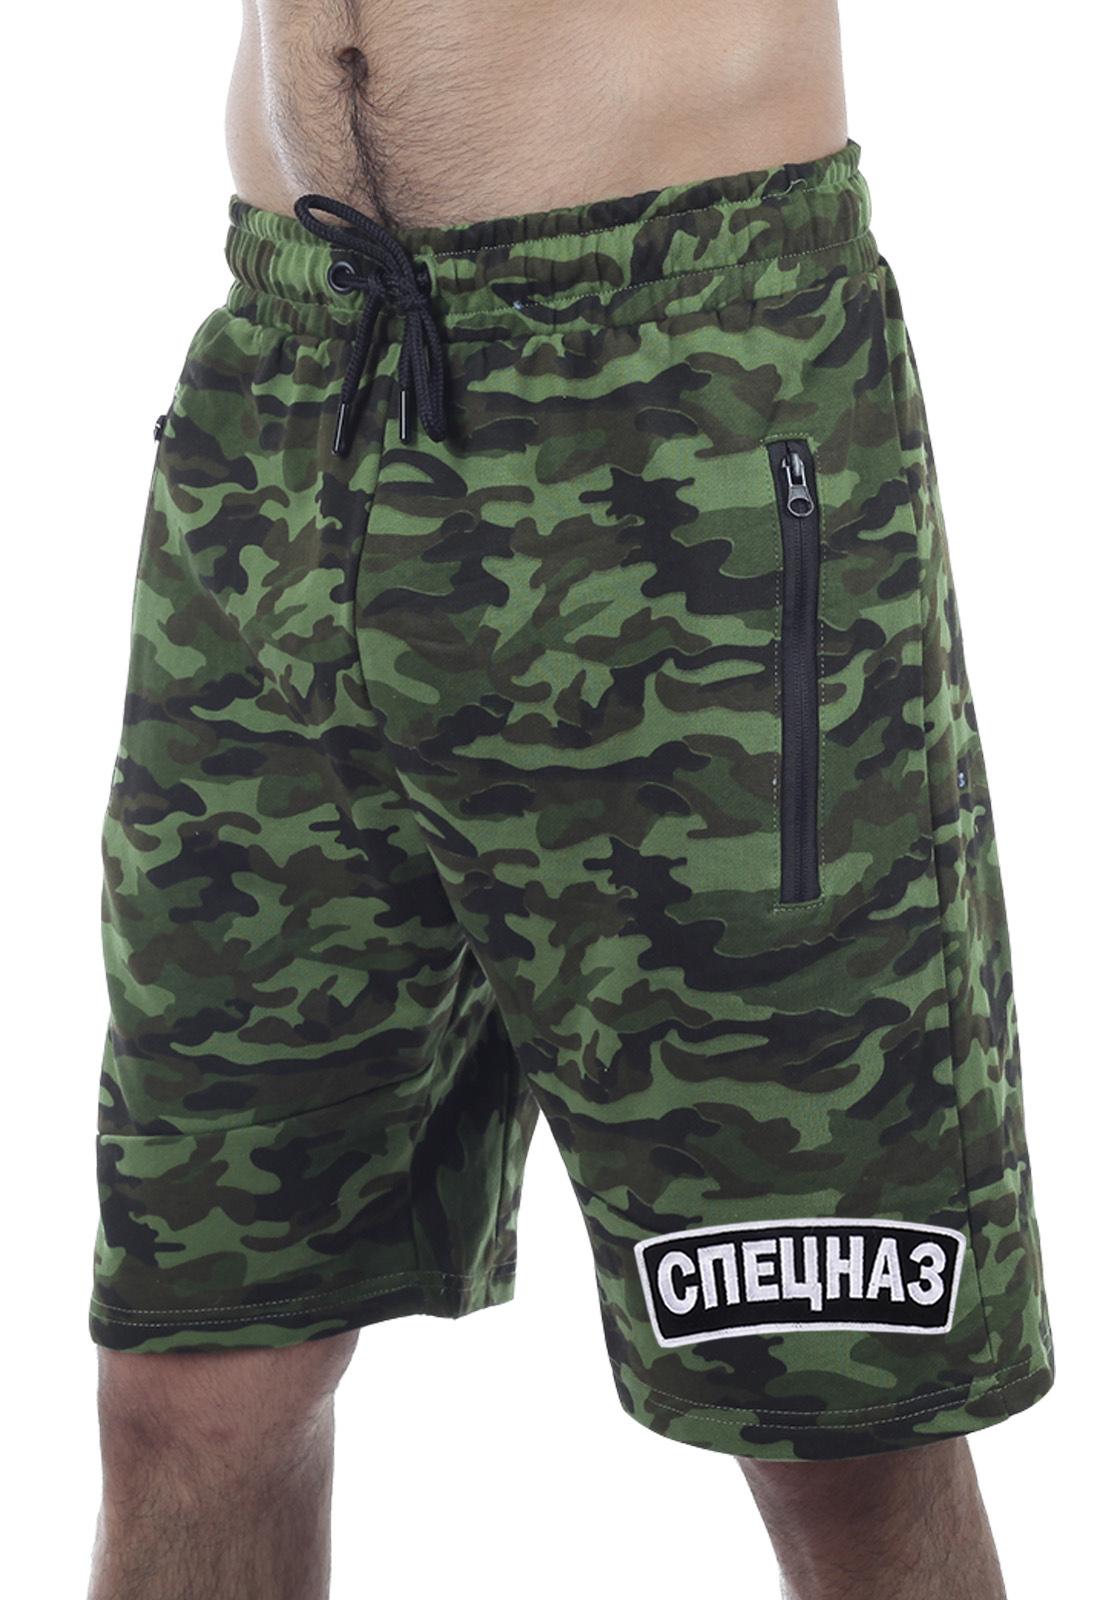 Недорогие военные шорты в зеленом камуфляже